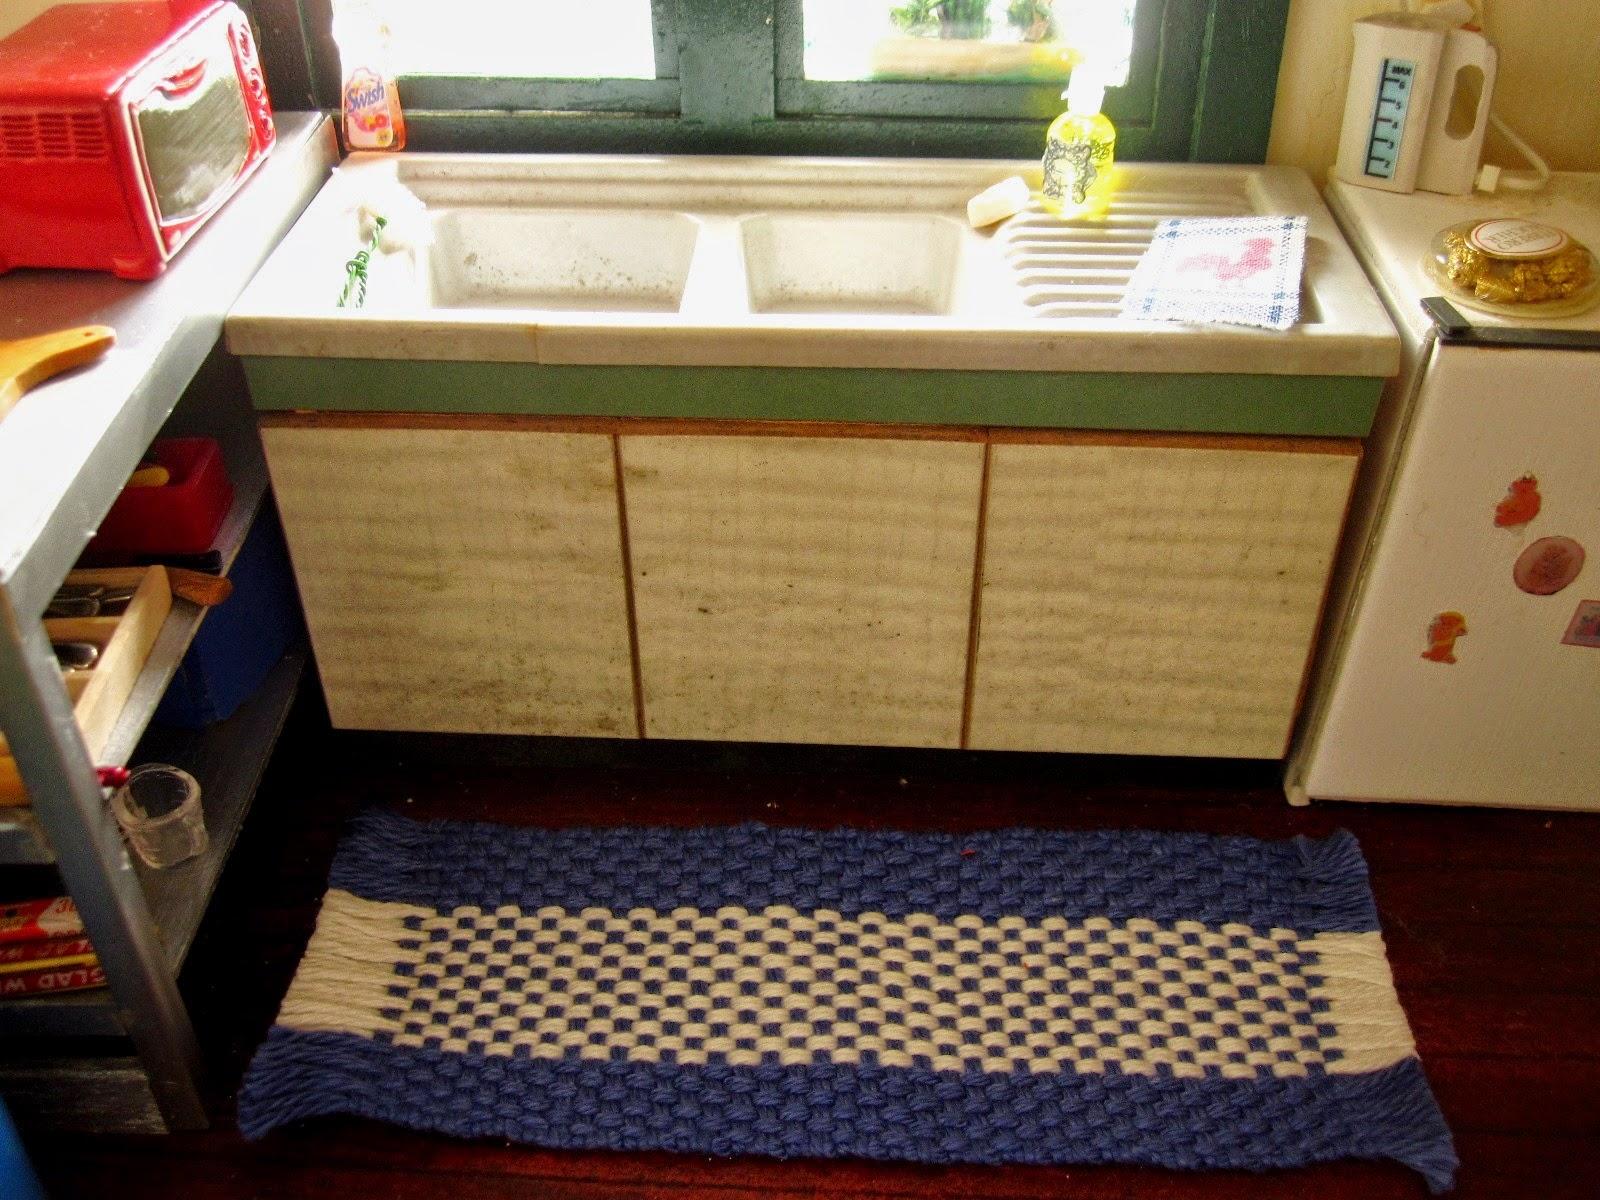 Modern dolls' house miniature kitchen sink unit.